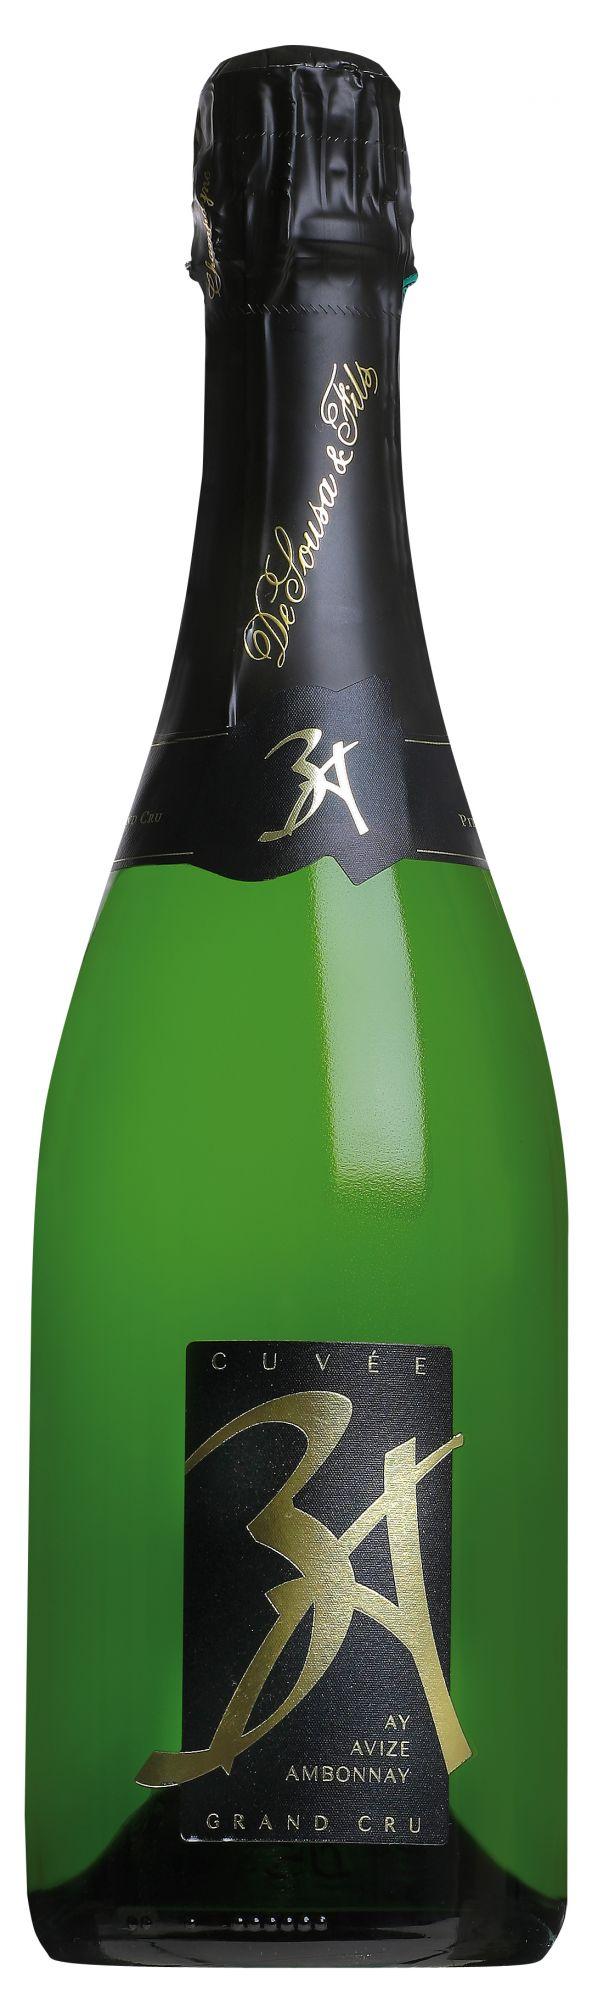 De Sousa Champagne Grand Cru Brut 3A Magnum 1,5 liter